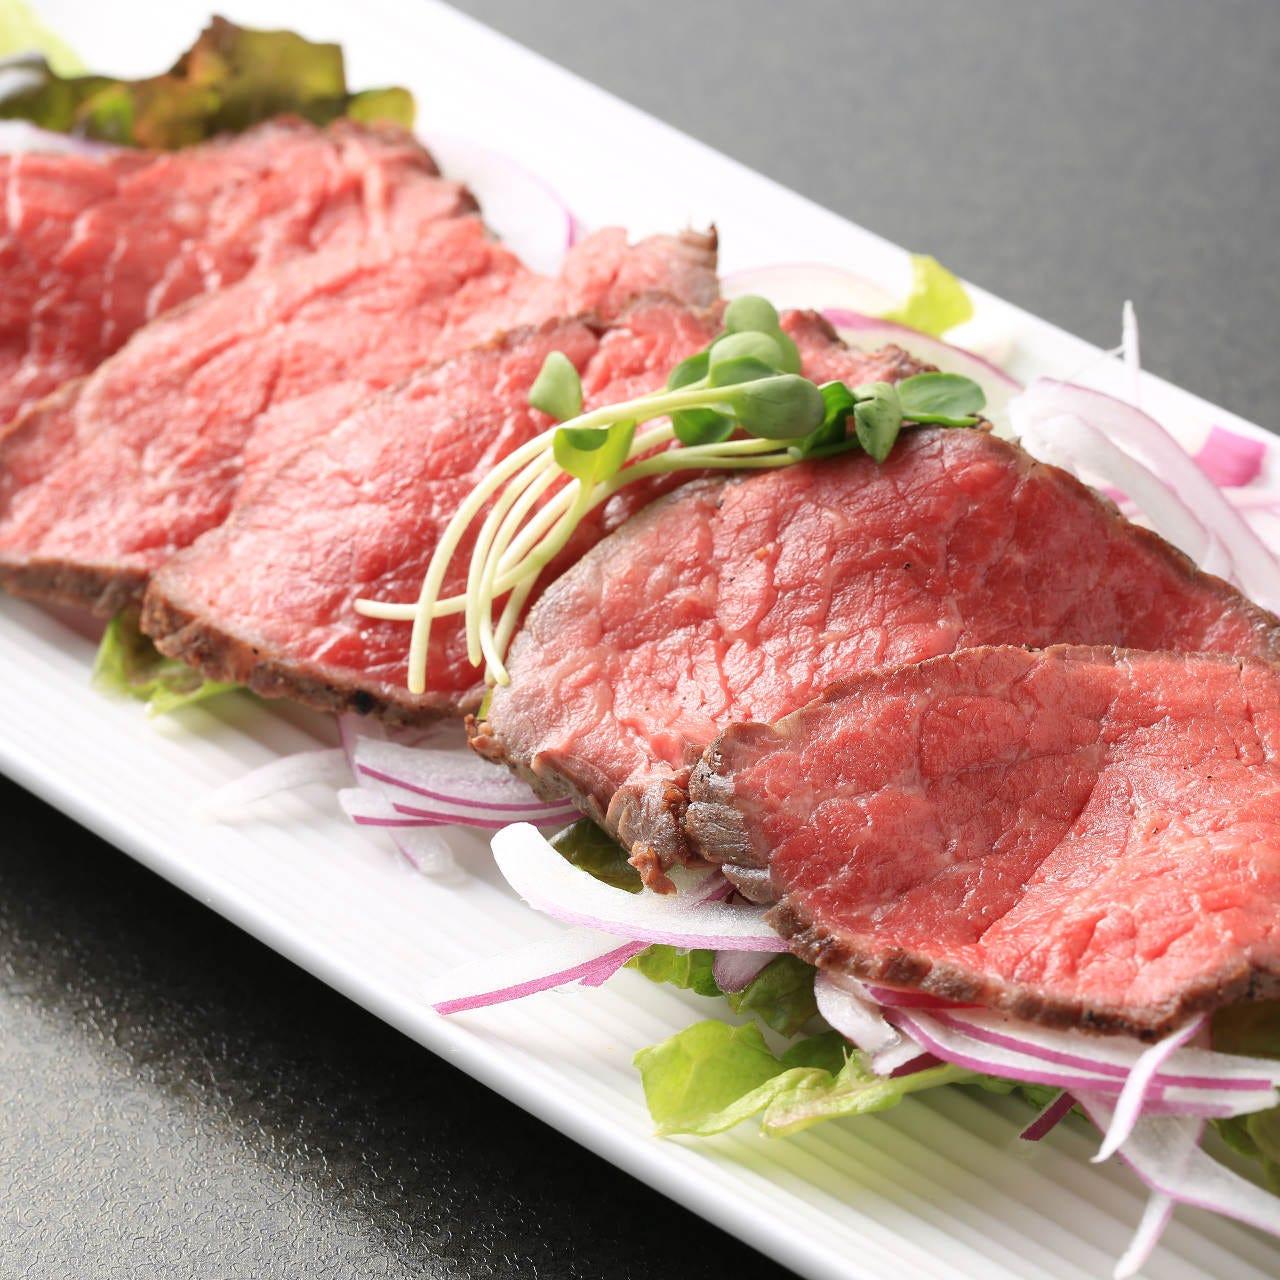 数量限定!国産もも肉を使用した自家製ローストビーフは絶品!